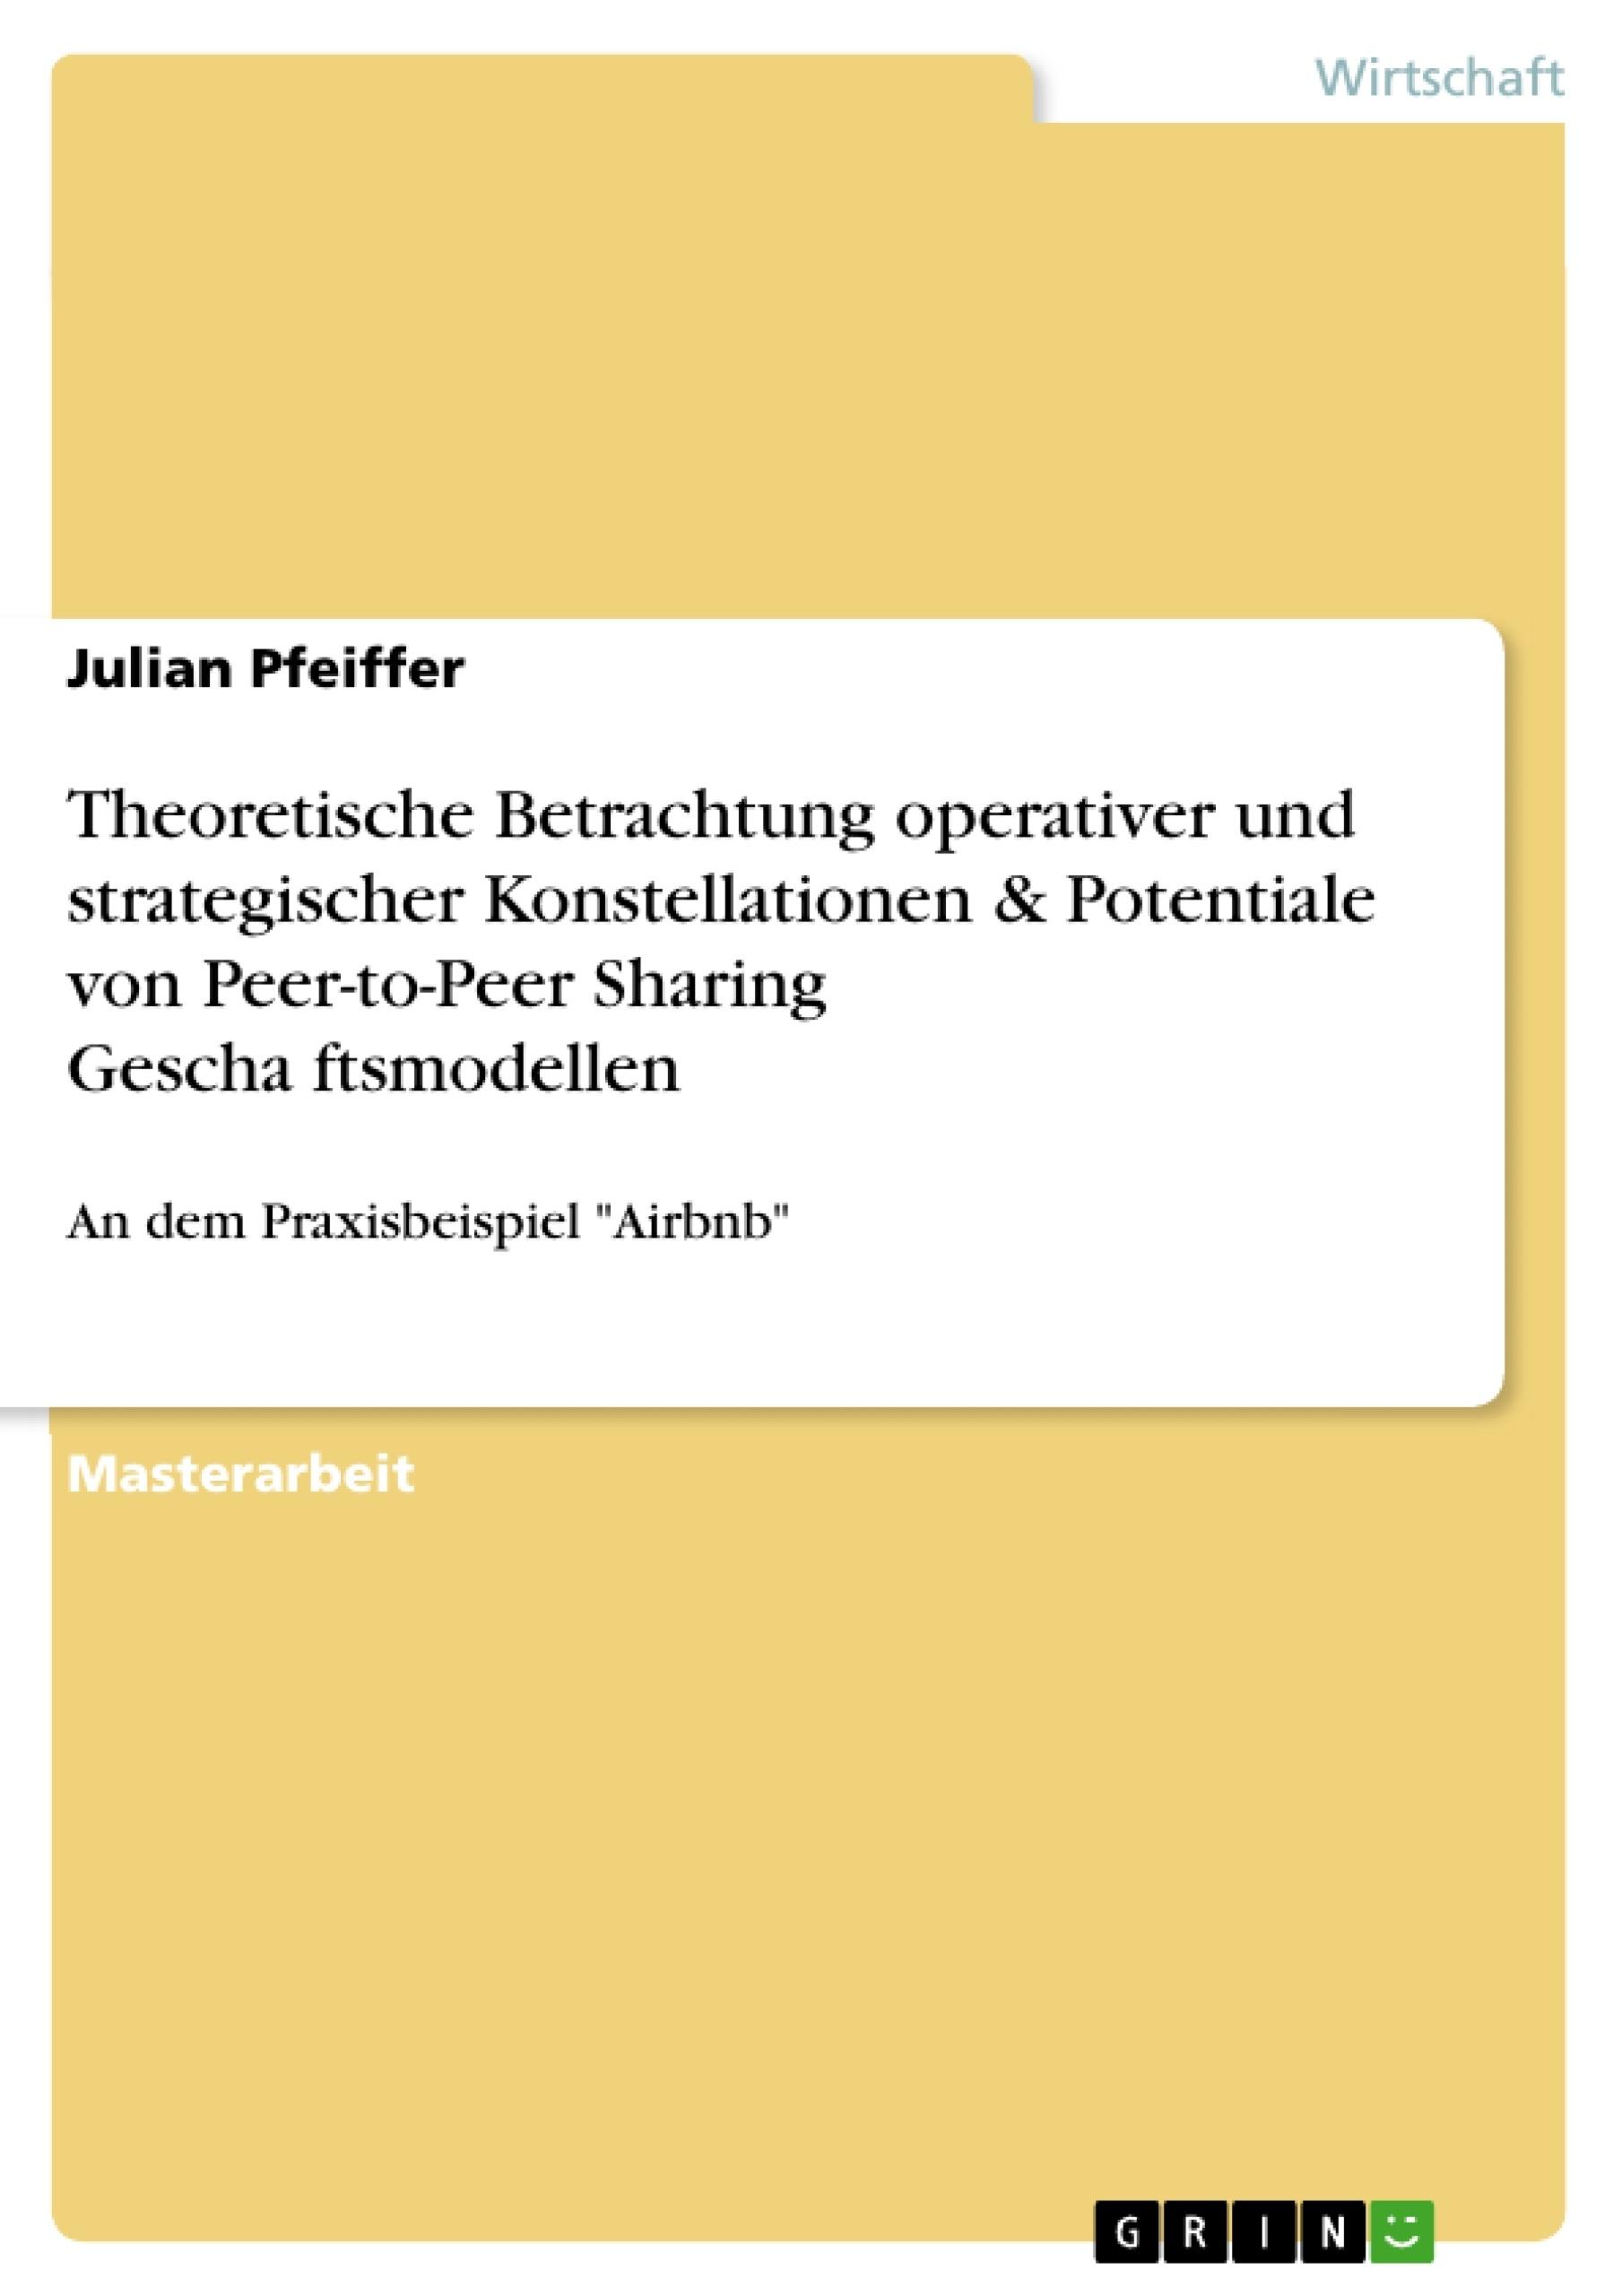 Titel: Theoretische Betrachtung operativer und strategischer Konstellationen & Potentiale von Peer-to-Peer Sharing Geschäftsmodellen